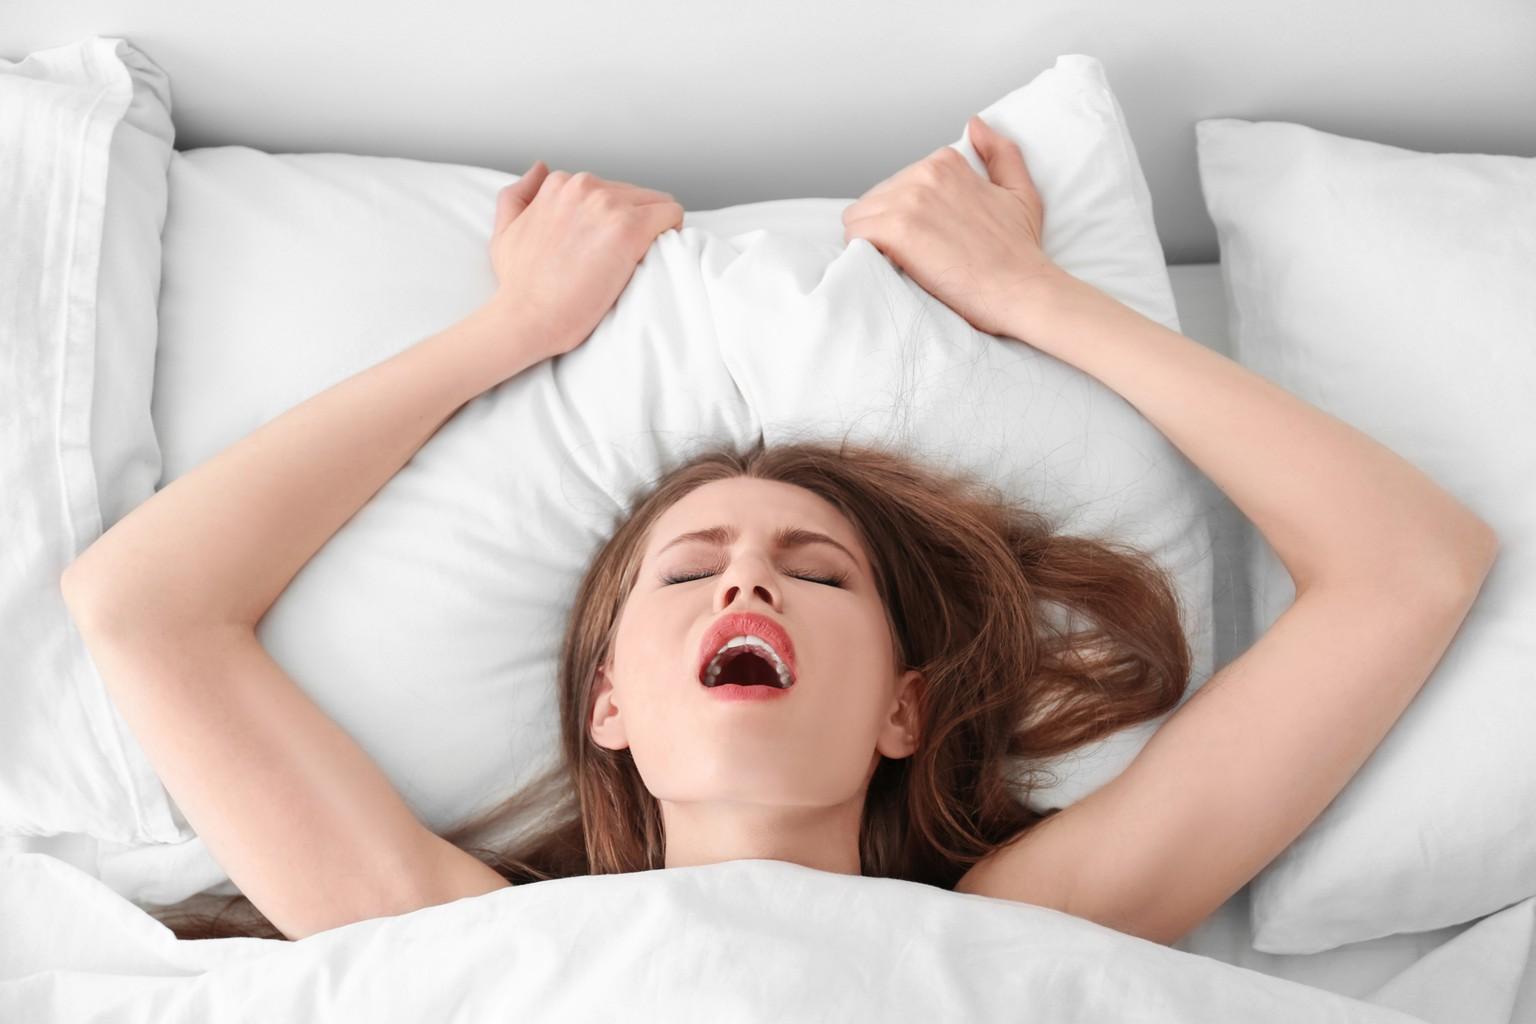 arten von orgasmus bei frauen